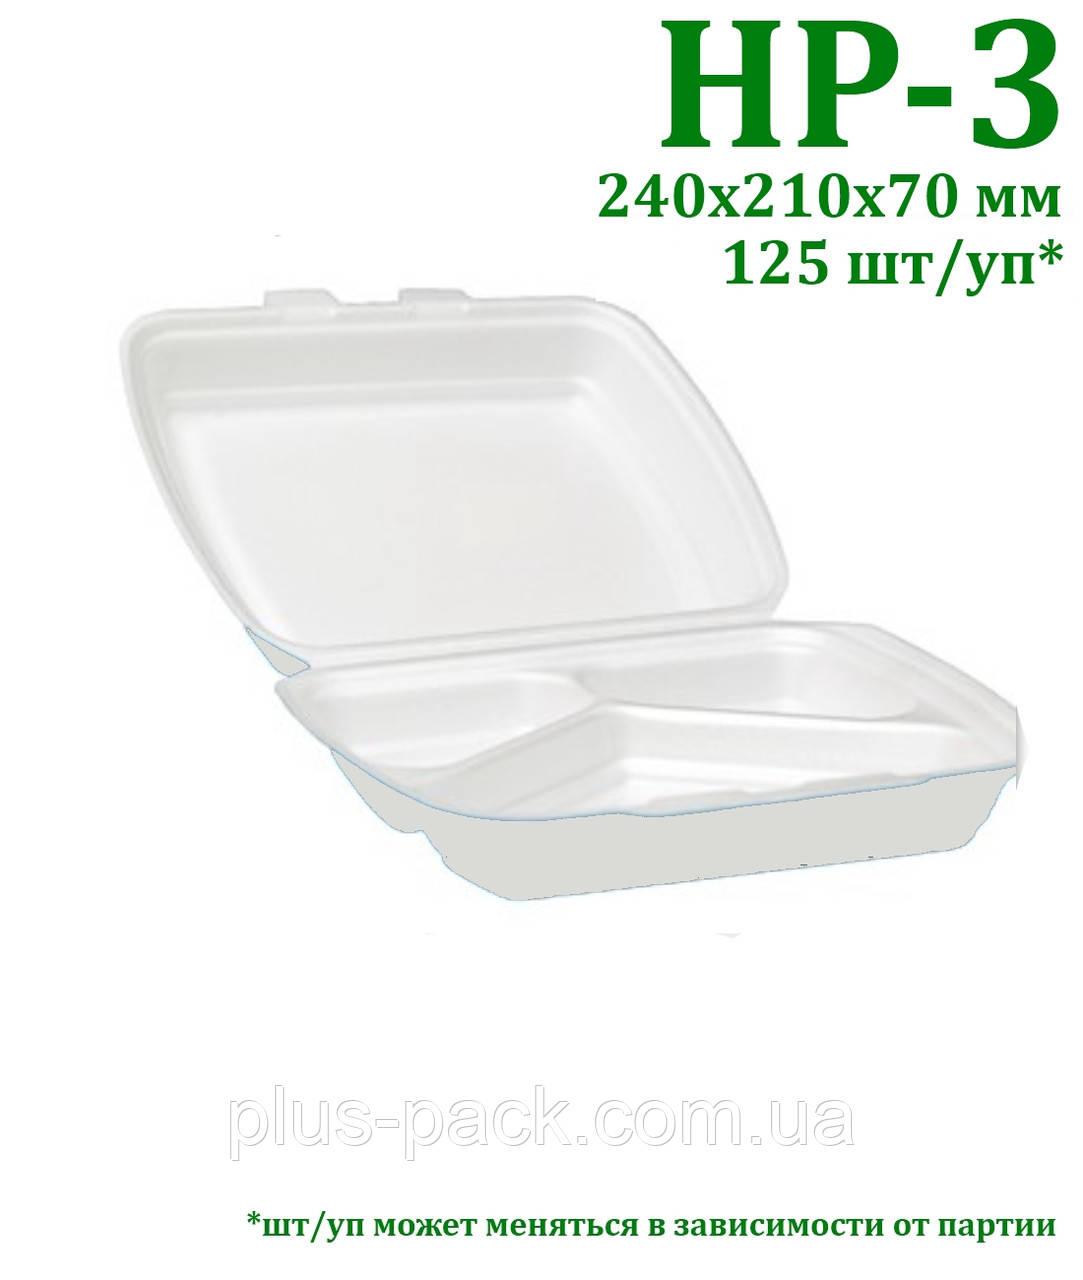 Ланчбокс для горячих обедов из вспениного полистирола, 125шт/уп